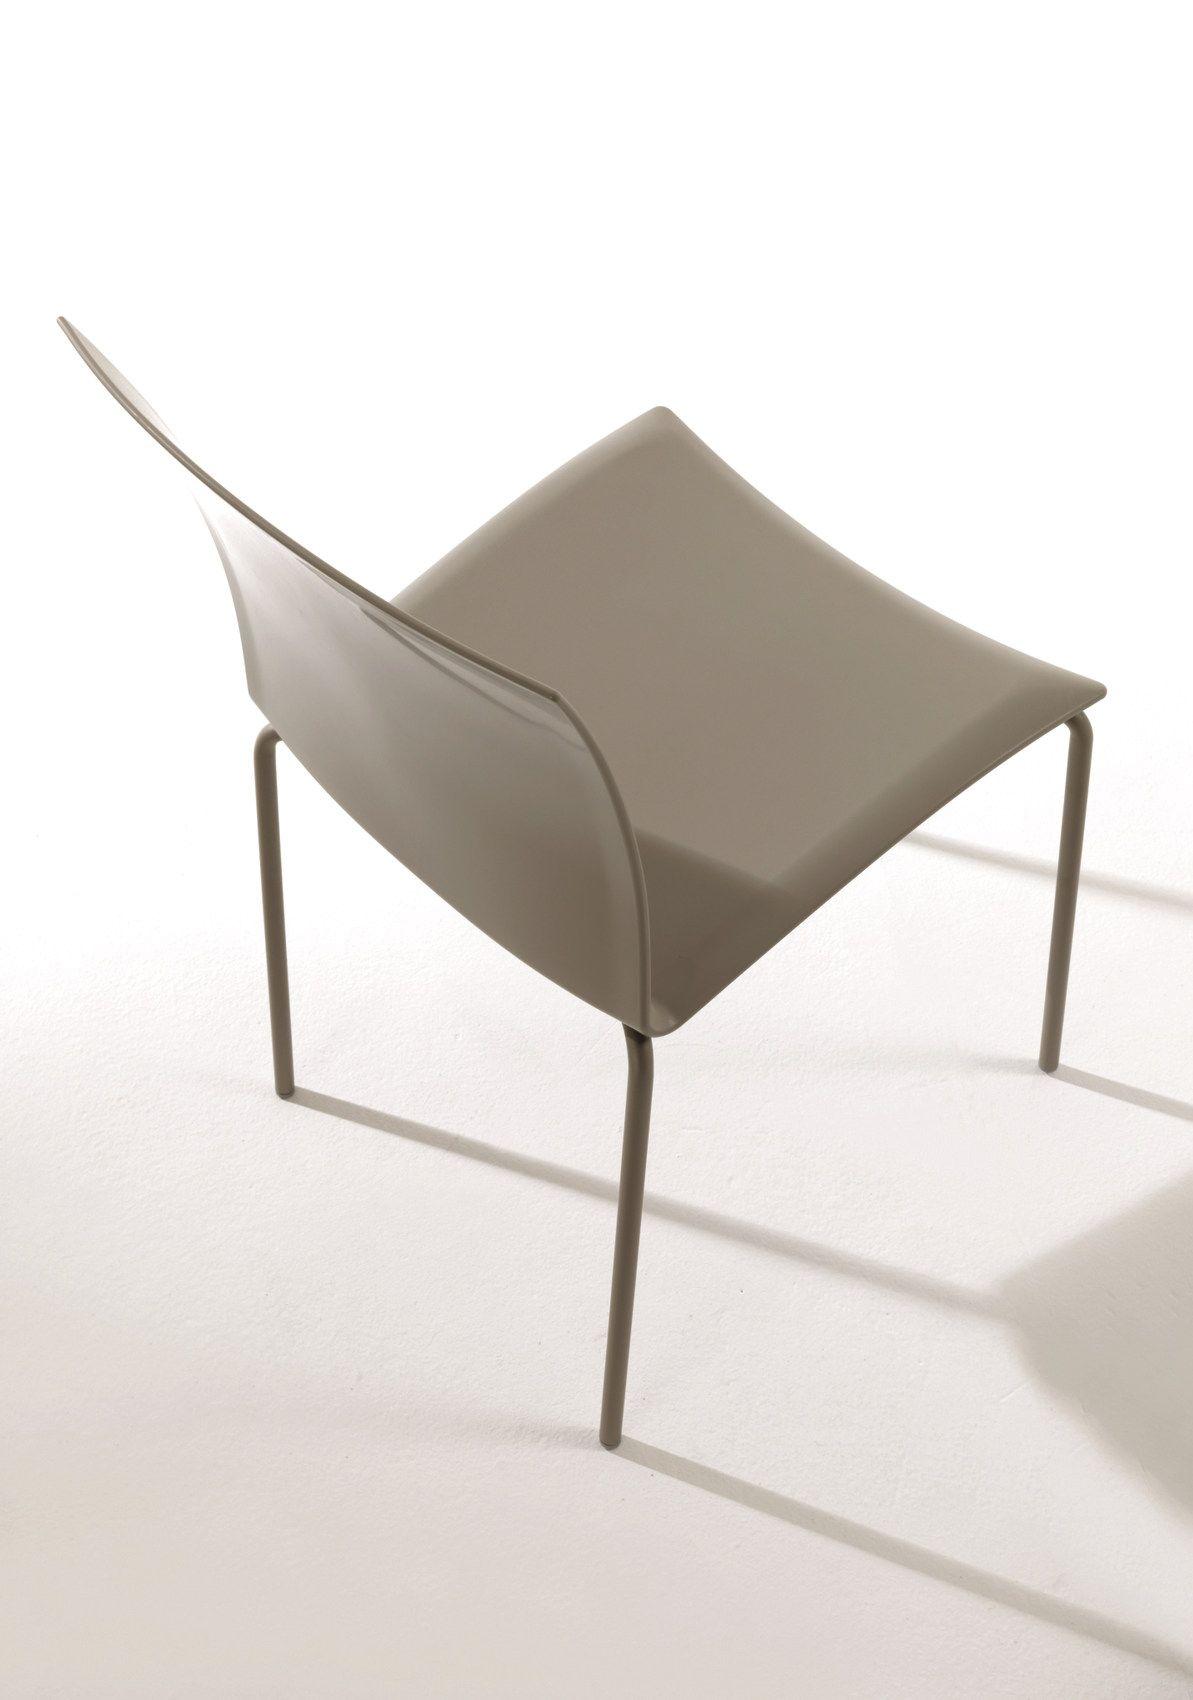 Sedia impilabile in polipropilene futura by bontempi casa design studio 28 - Sedia polipropilene impilabile ...